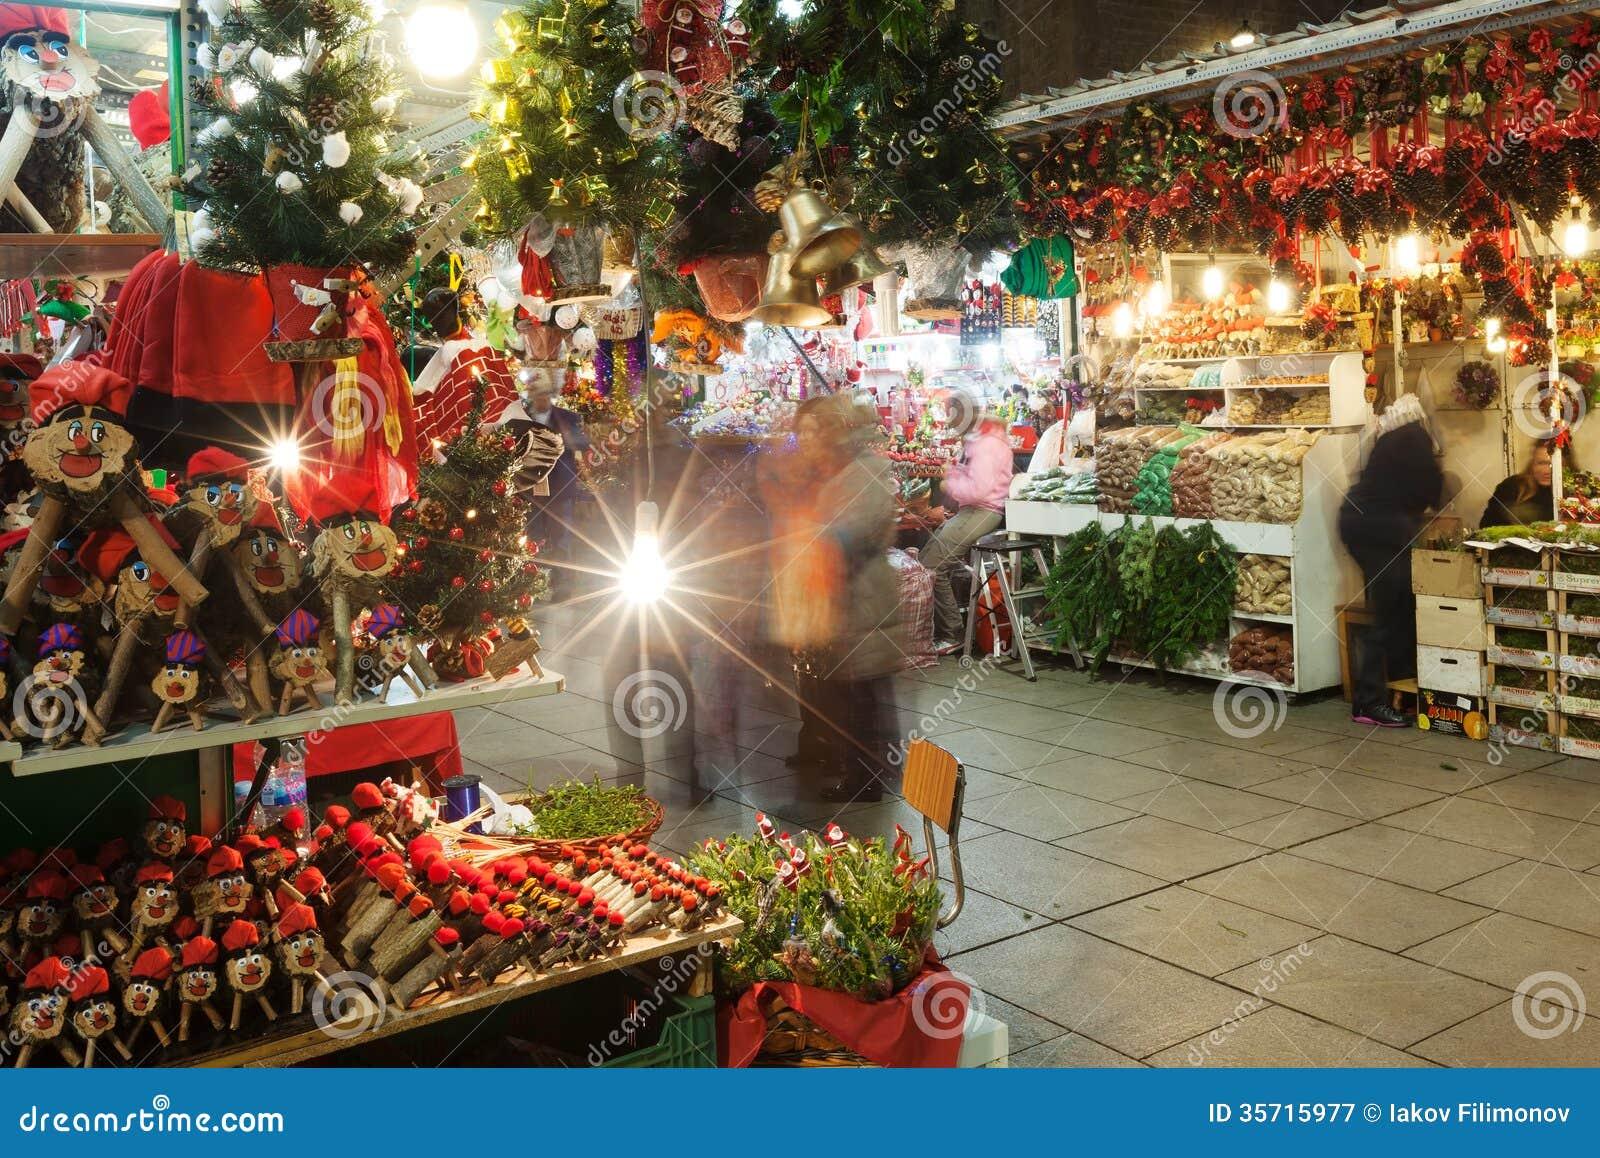 Fira de Santa Llucia - αγορά Χριστουγέννων κοντά στον καθεδρικό ναό. Barcelon